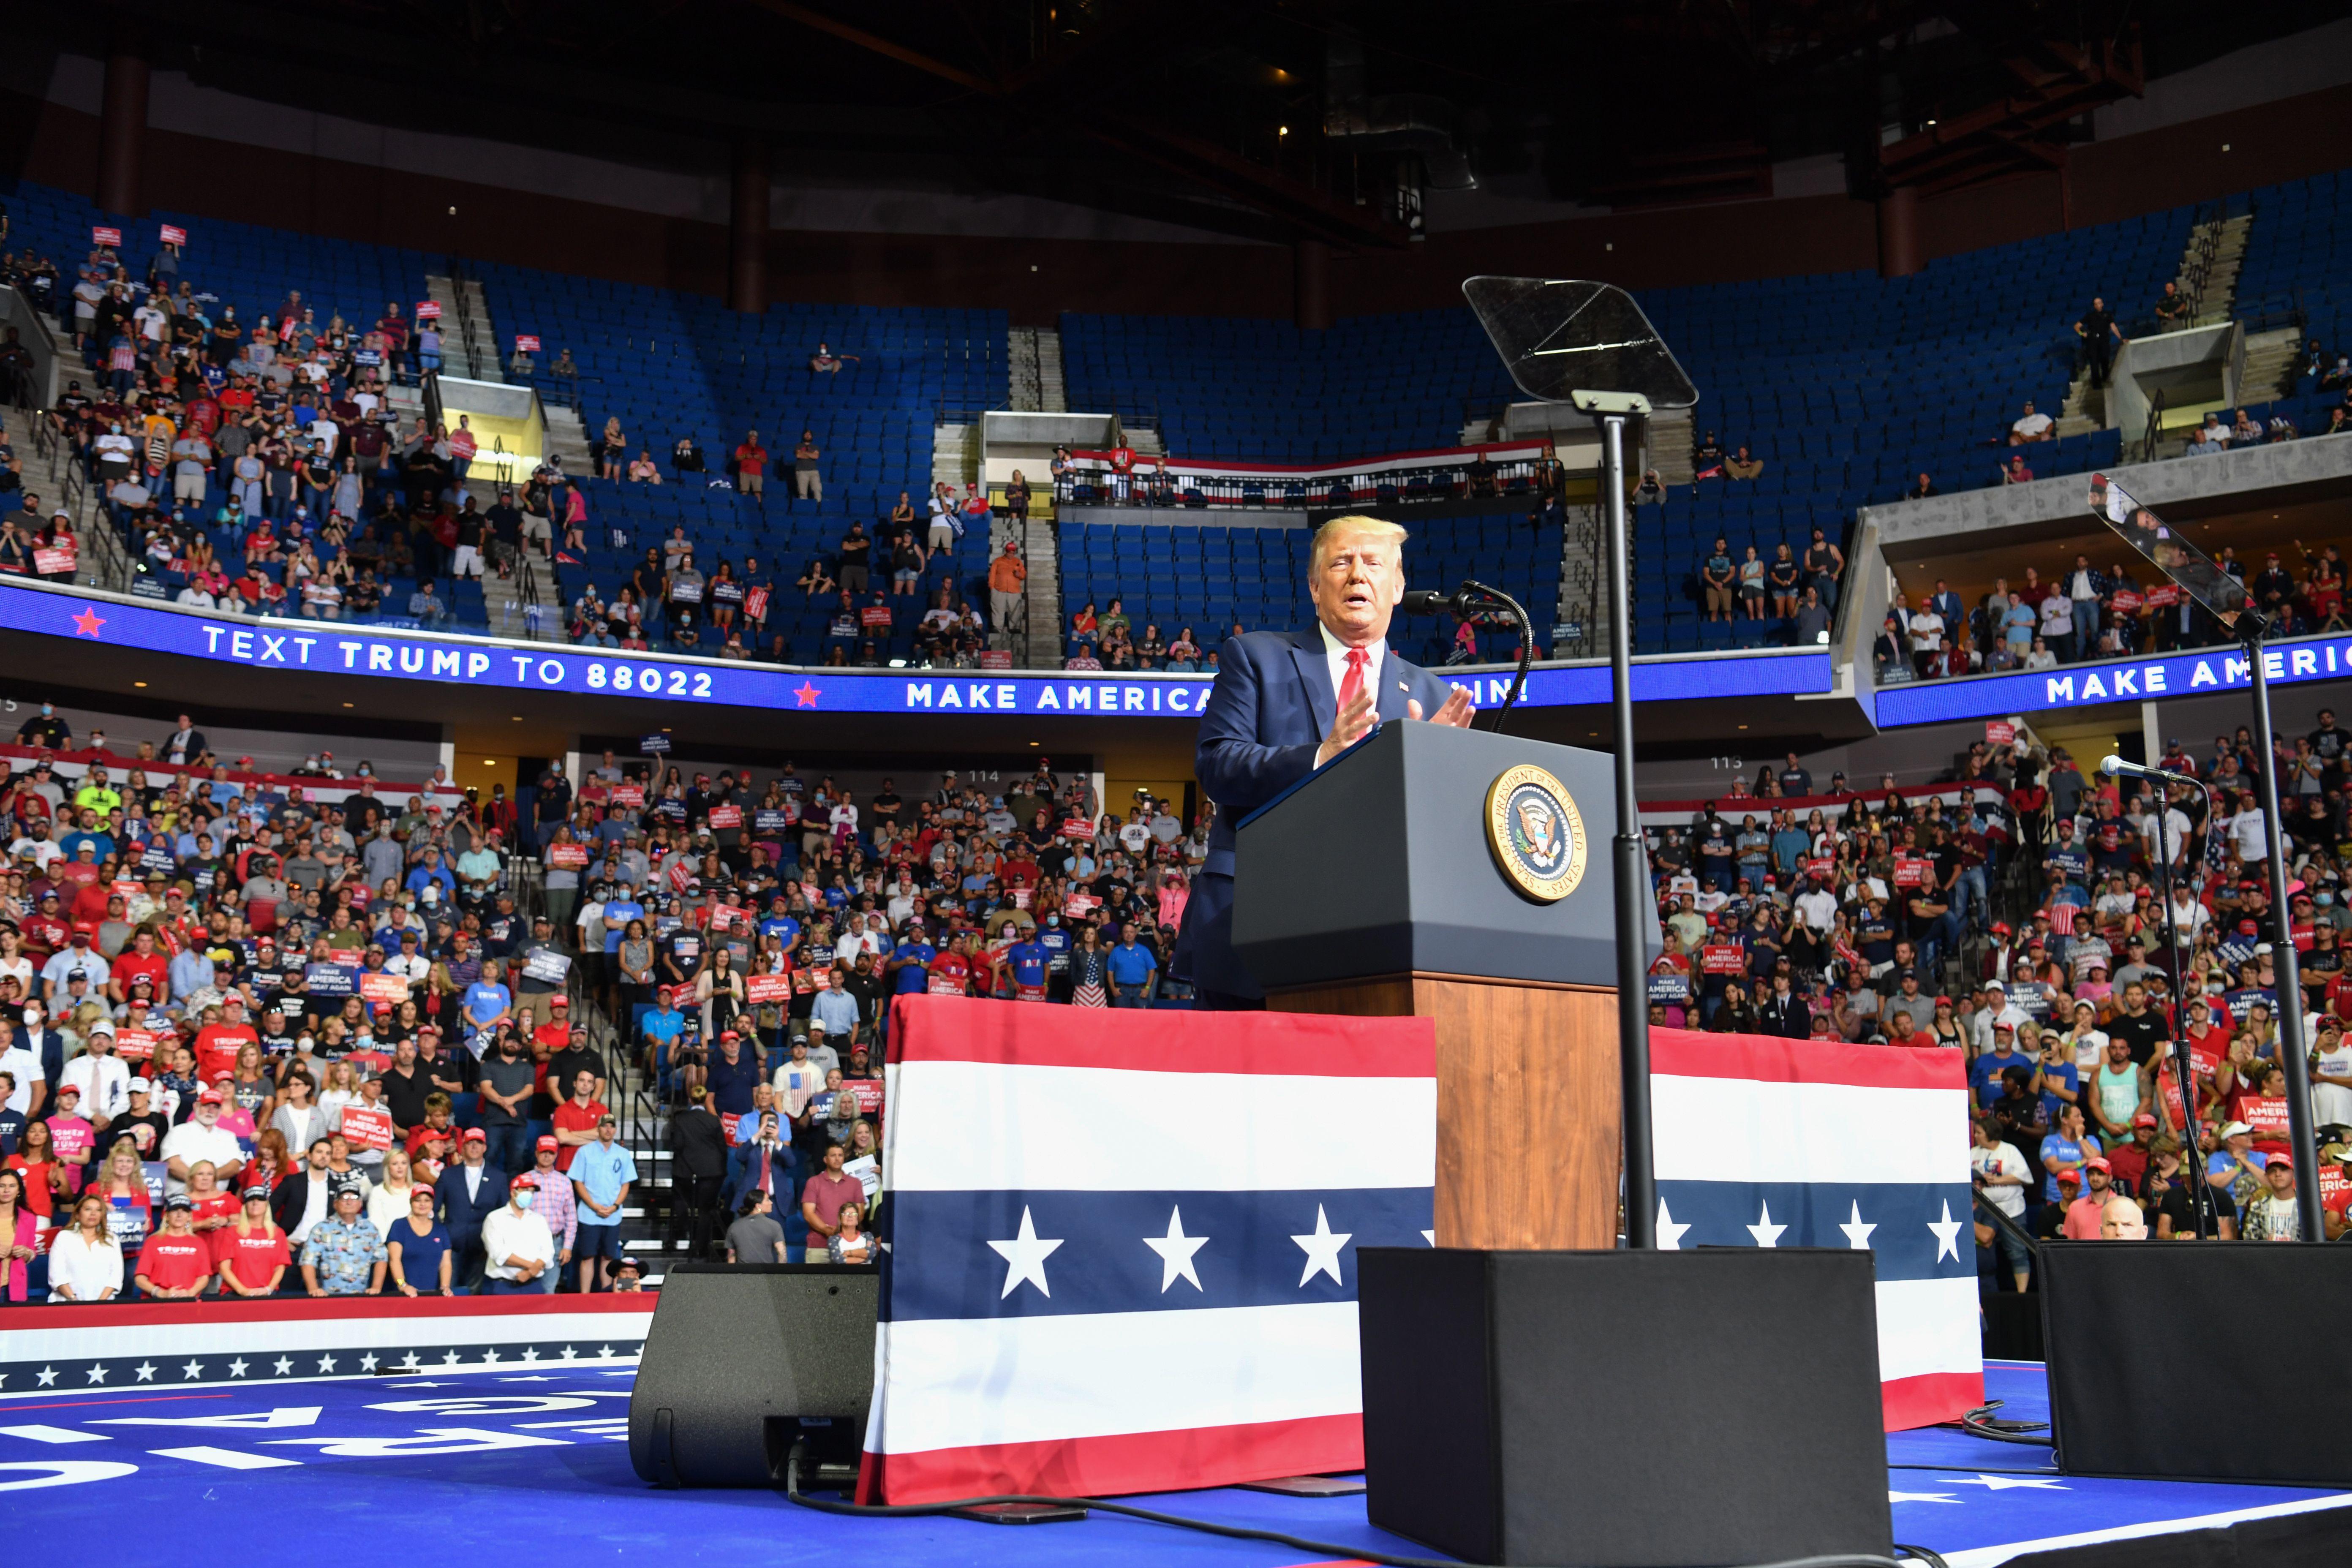 美國總統特朗普6月20日晚在俄克拉何馬州塔爾薩(Tulsa)「讓美國再次偉大」集會上發表講話。(NICHOLAS KAMM/AFP via Getty Images)